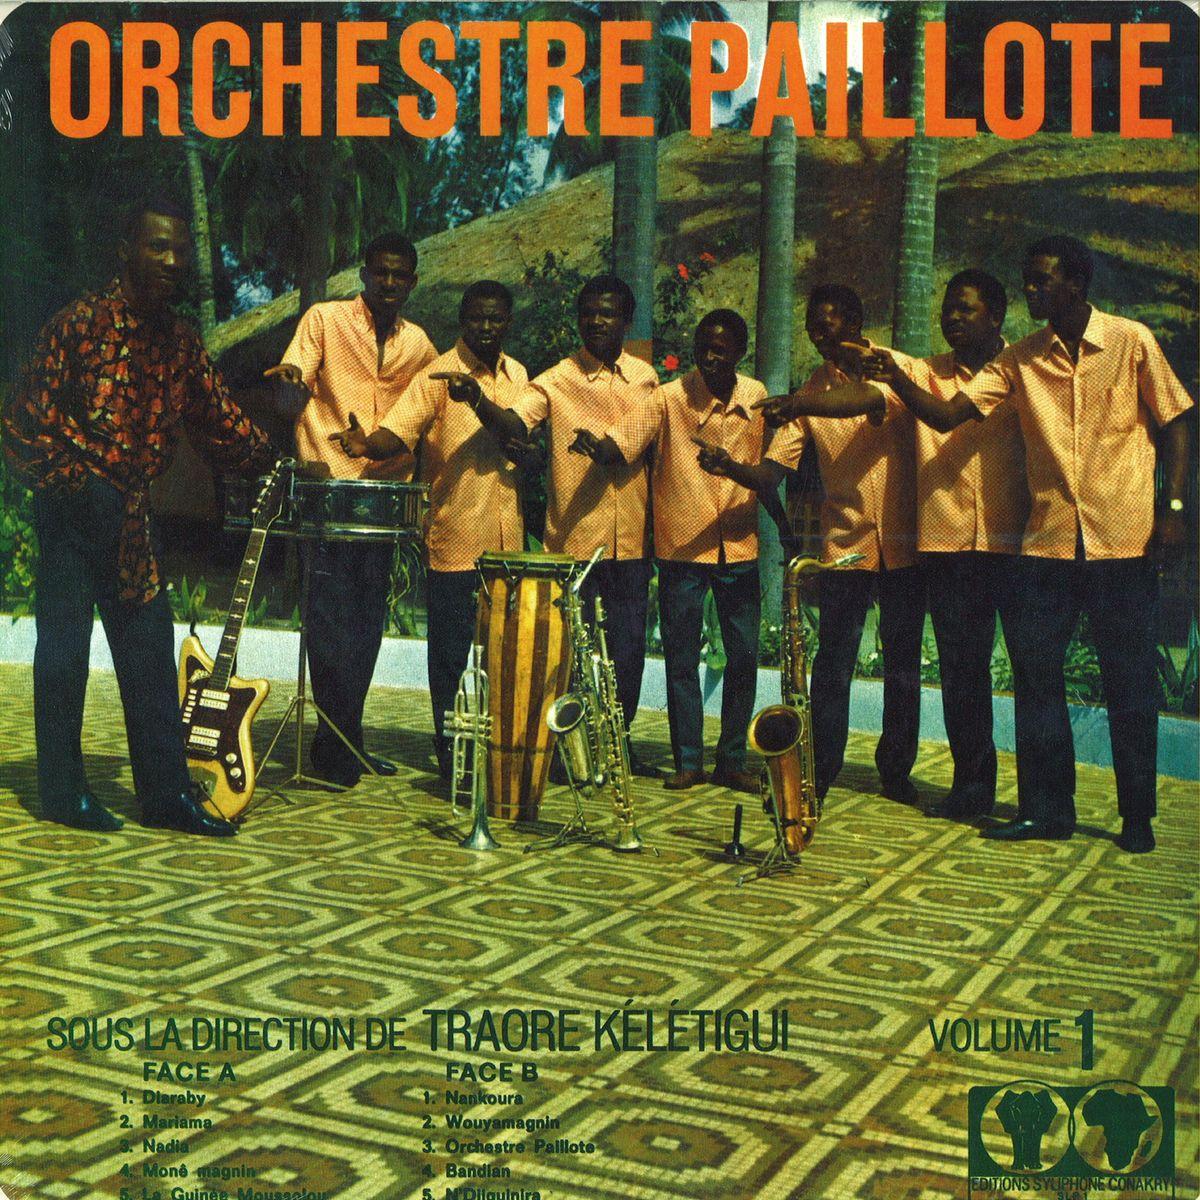 Orchestre Paillote - Sous La Direction De Traore Keletigu ... avec Paillote Jardin